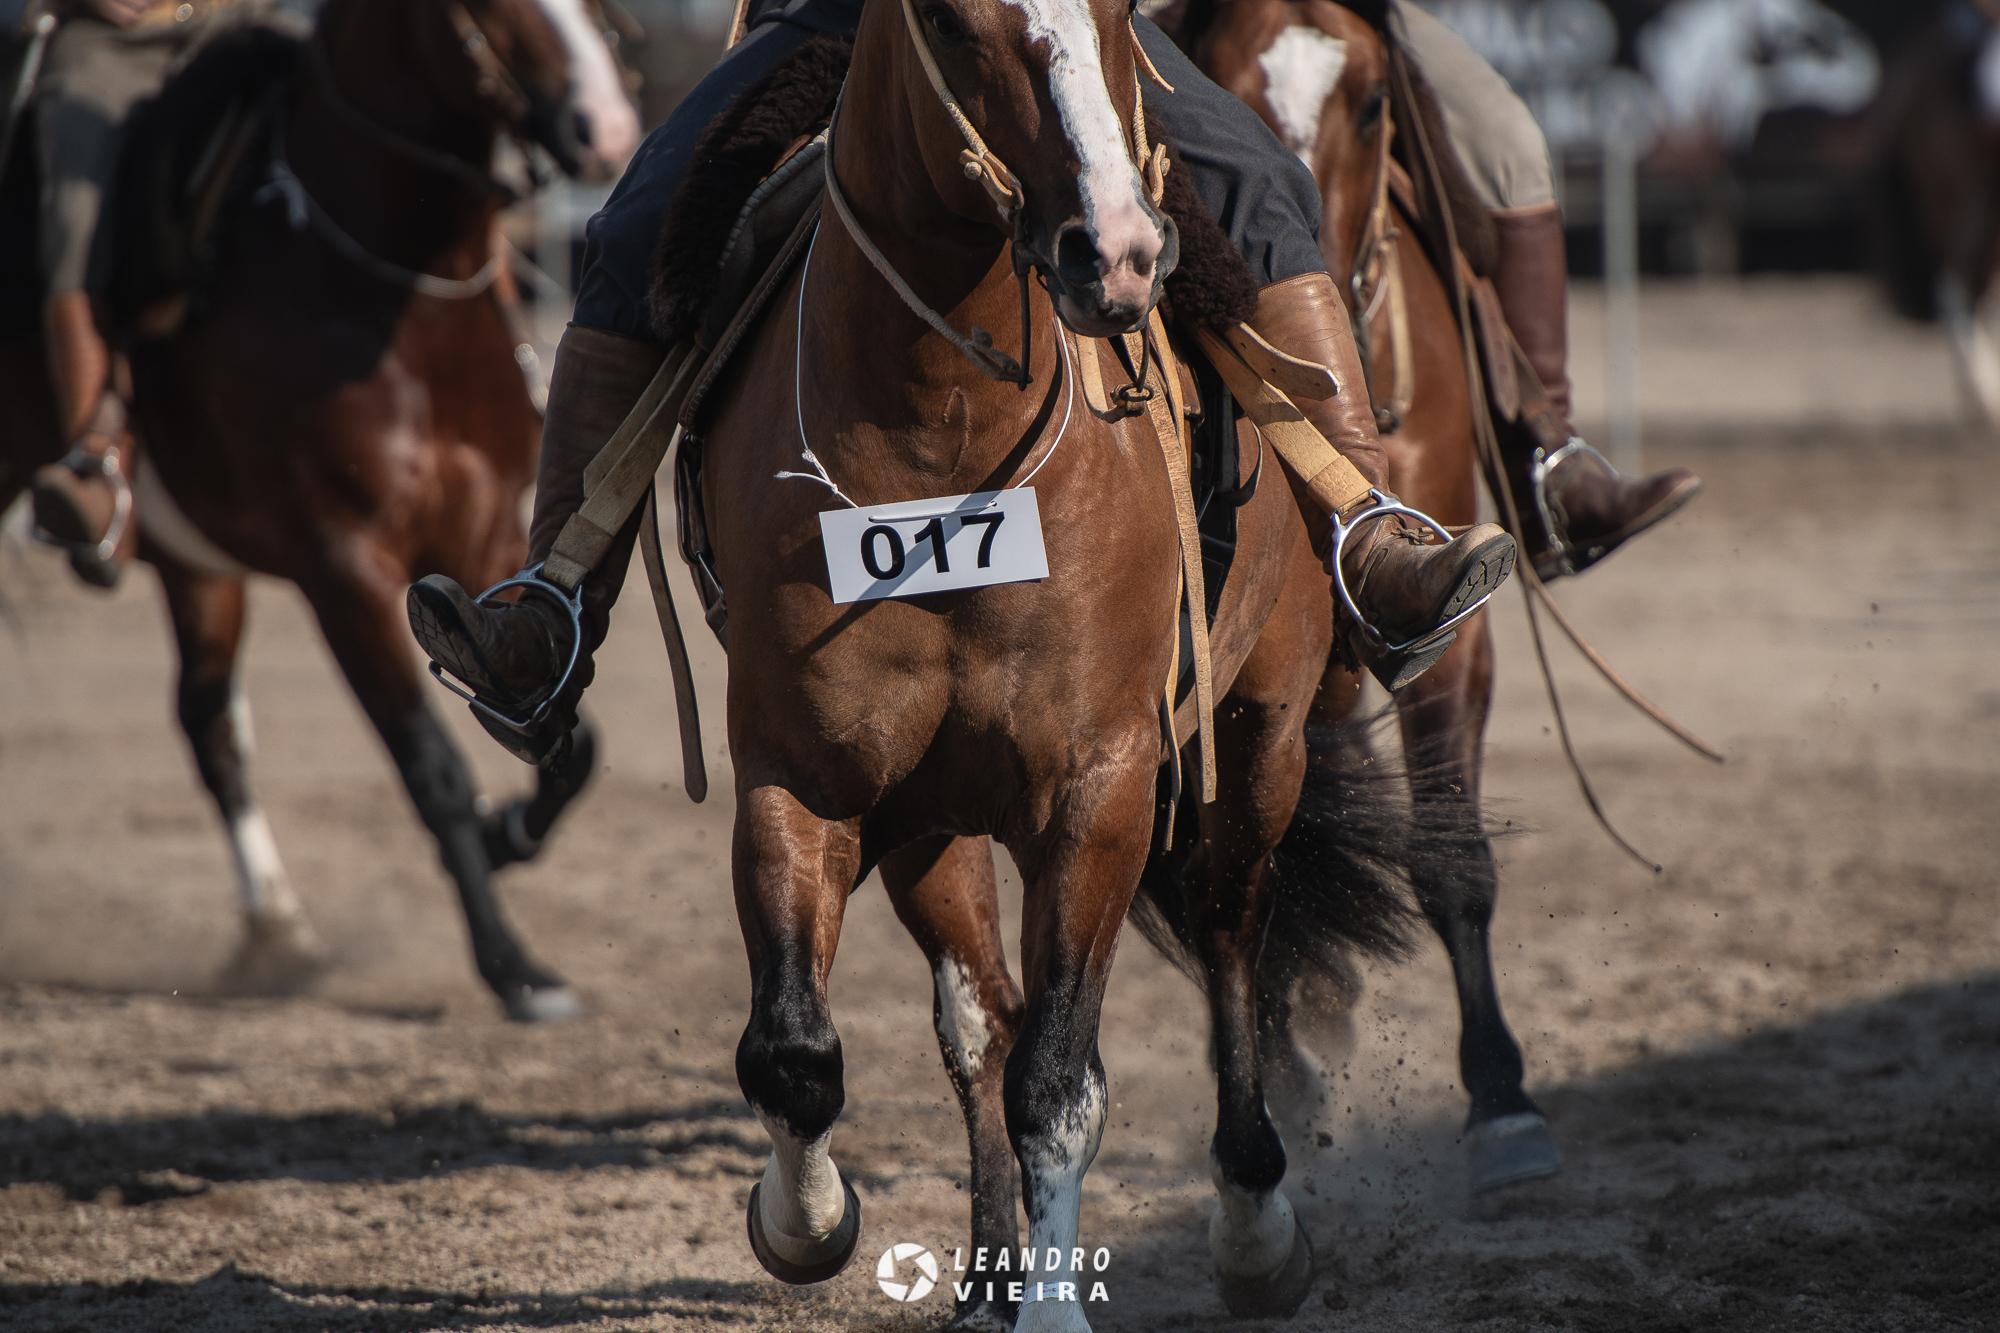 Prévia RS 01: confira os 82 animais pré-selecionados até o momento